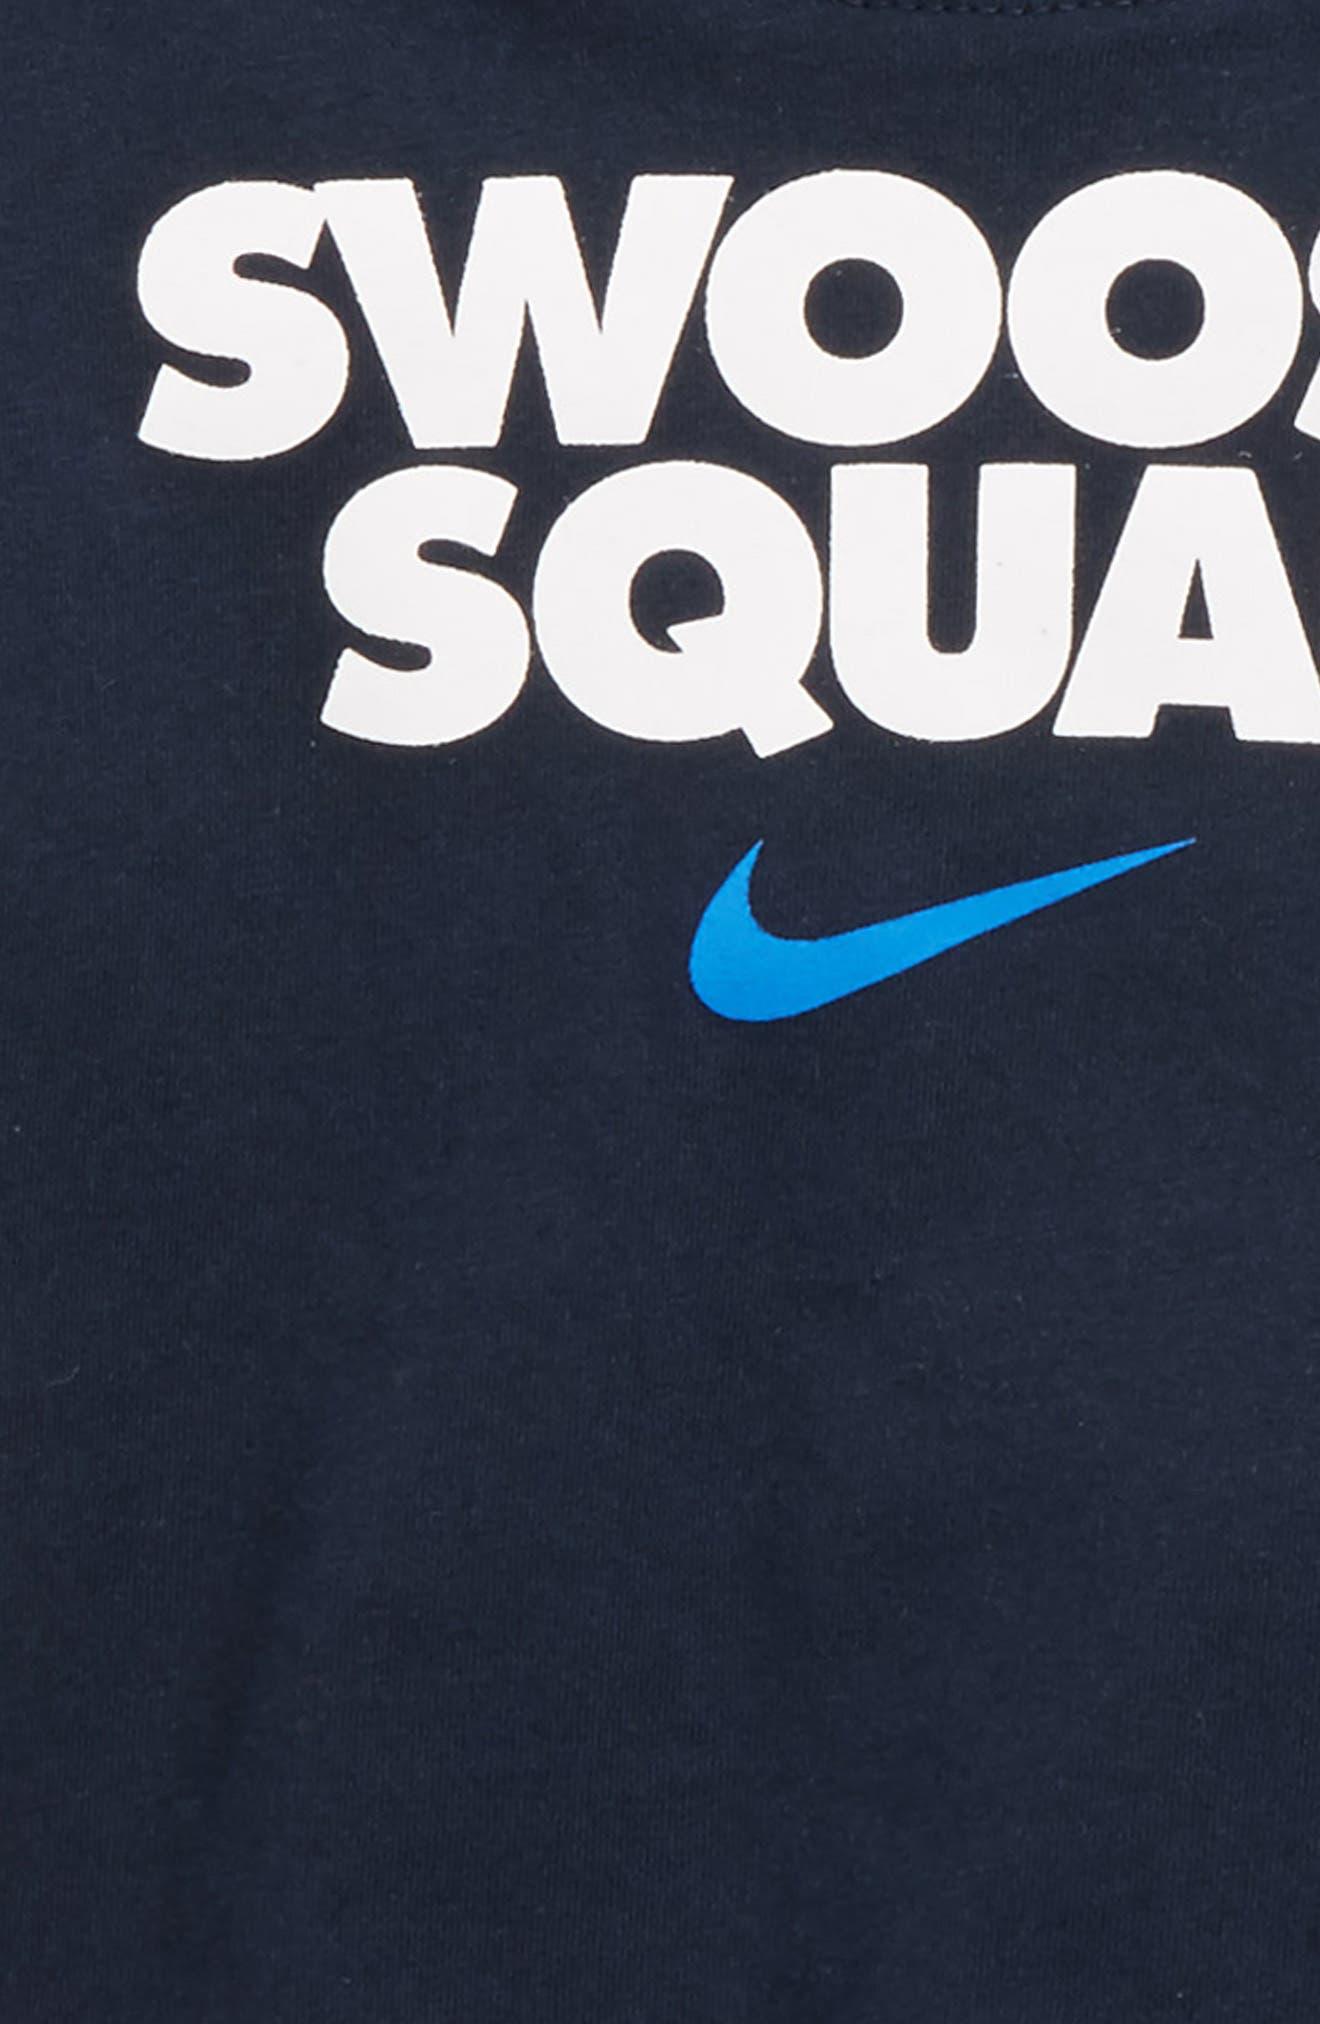 Swoosh Squad T-Shirt & Shorts Set,                             Alternate thumbnail 2, color,                             434